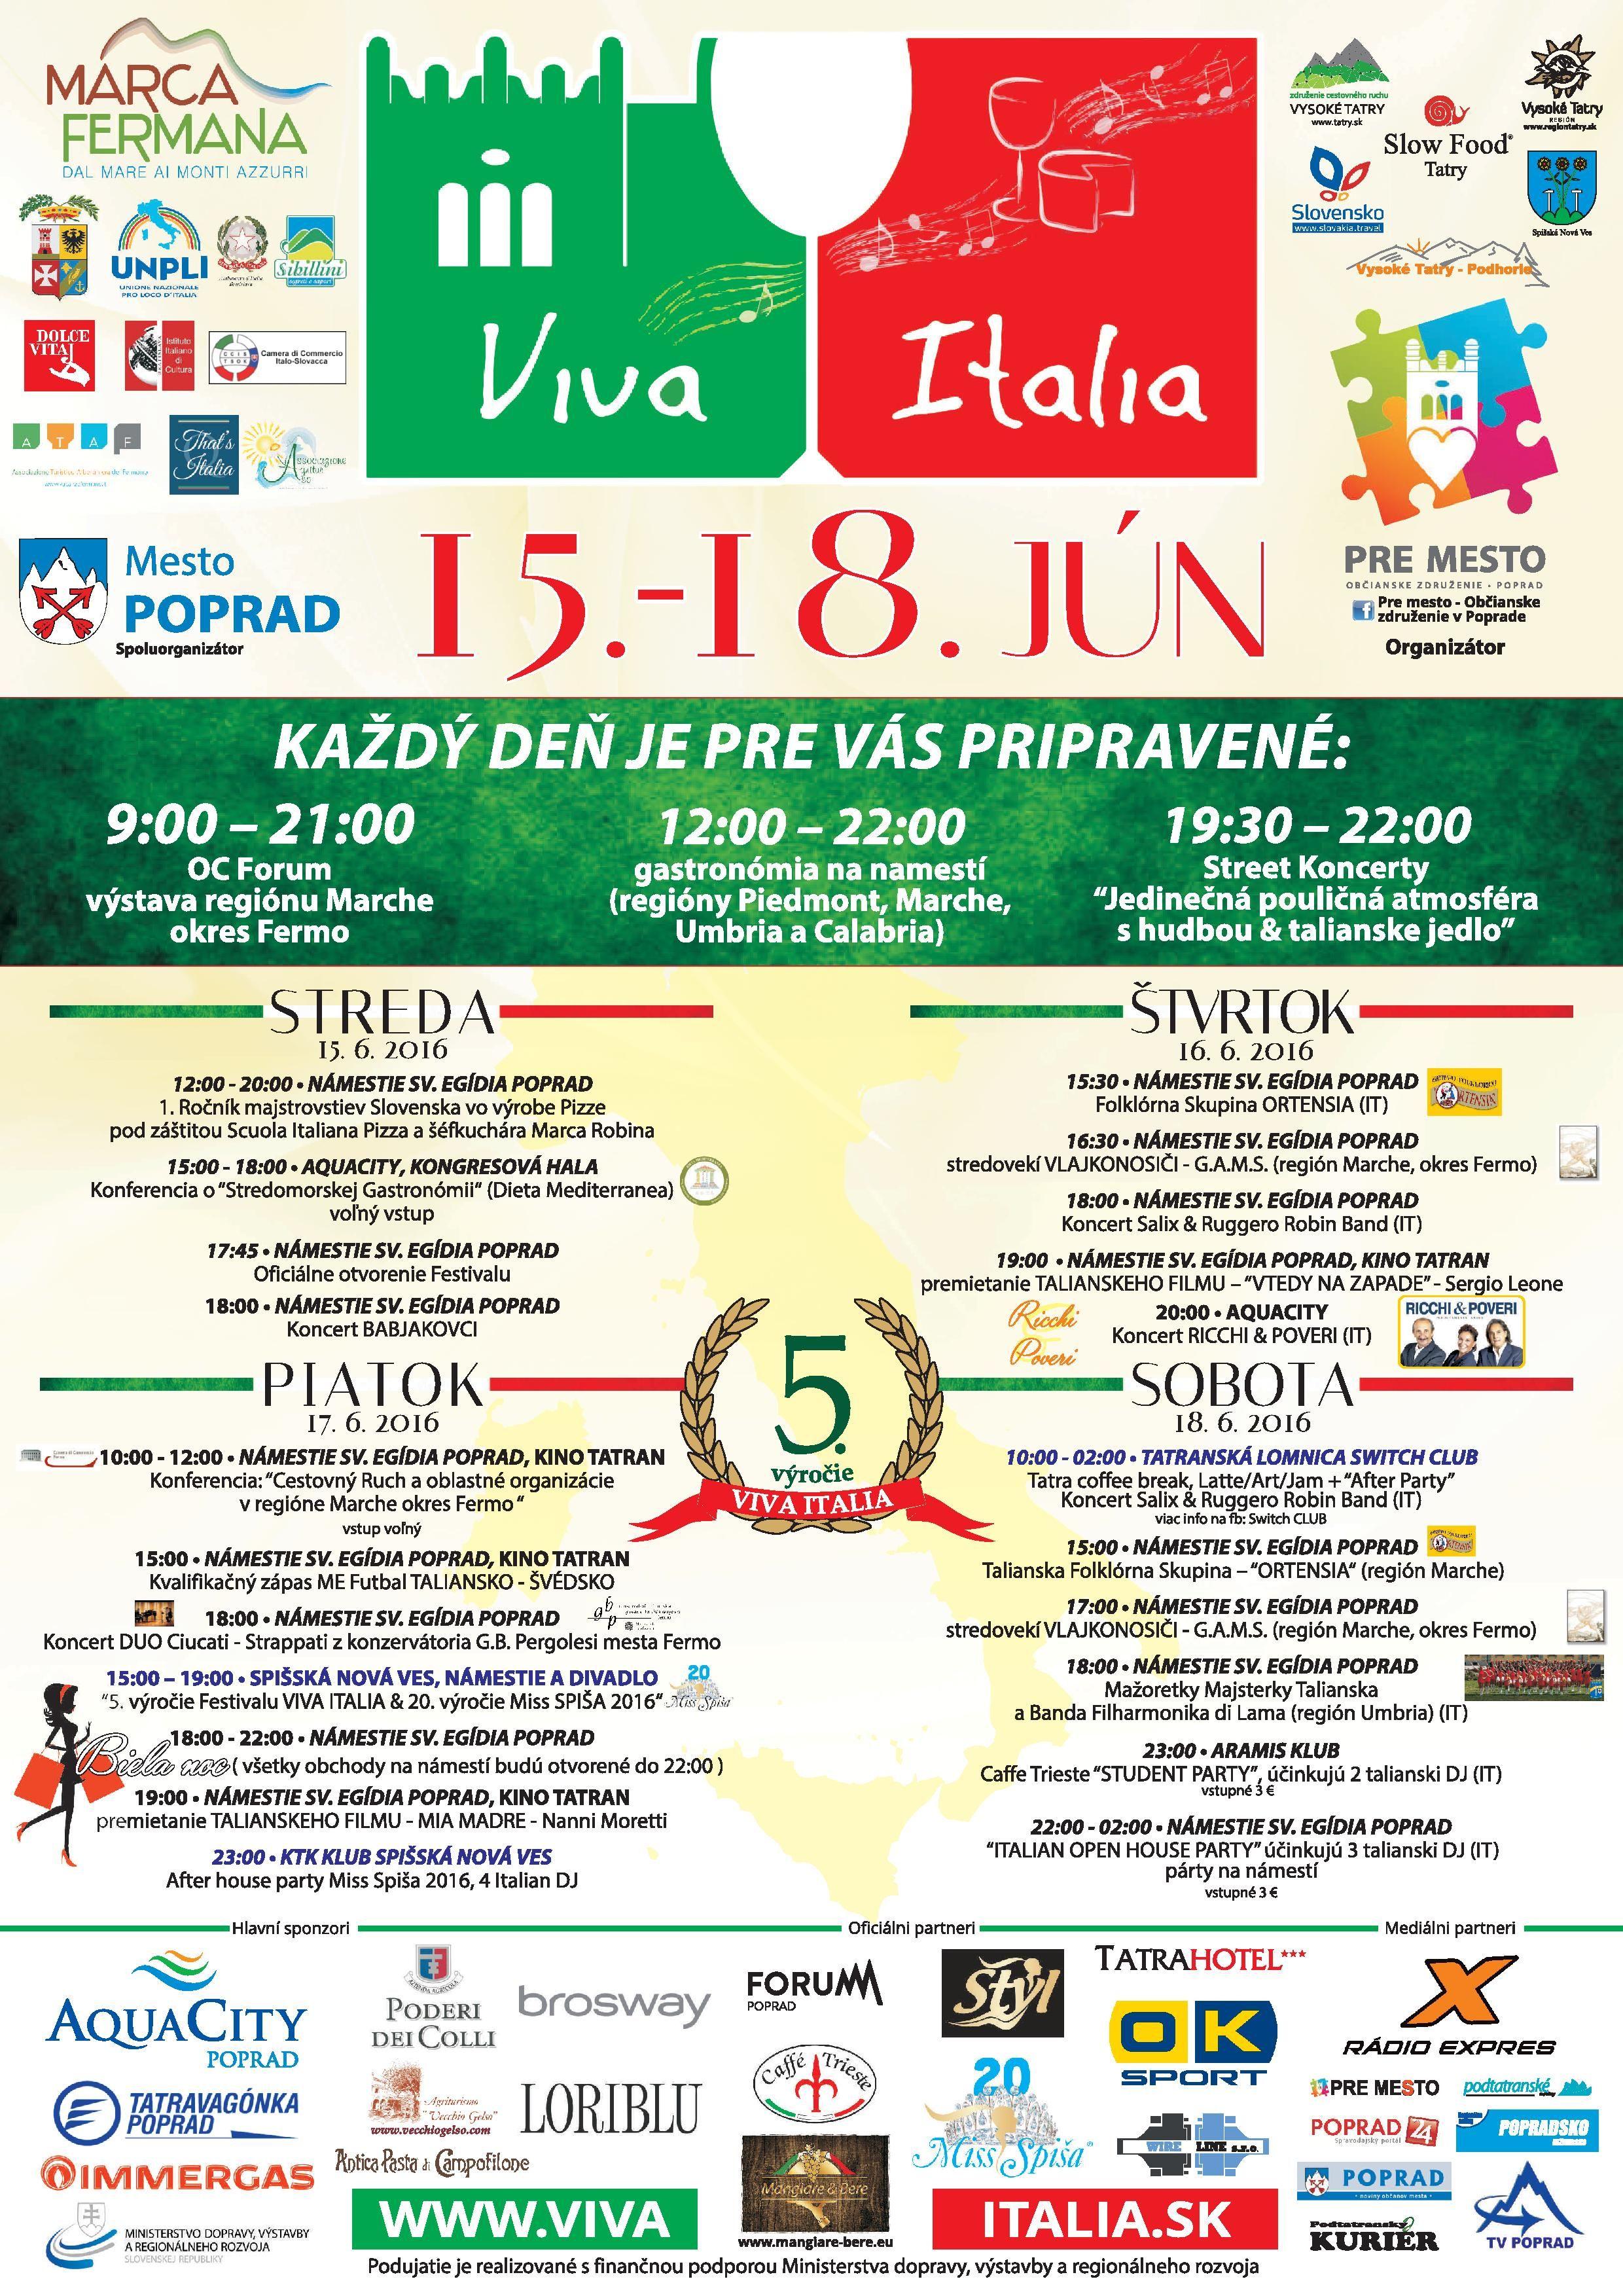 viva italia 2 1994